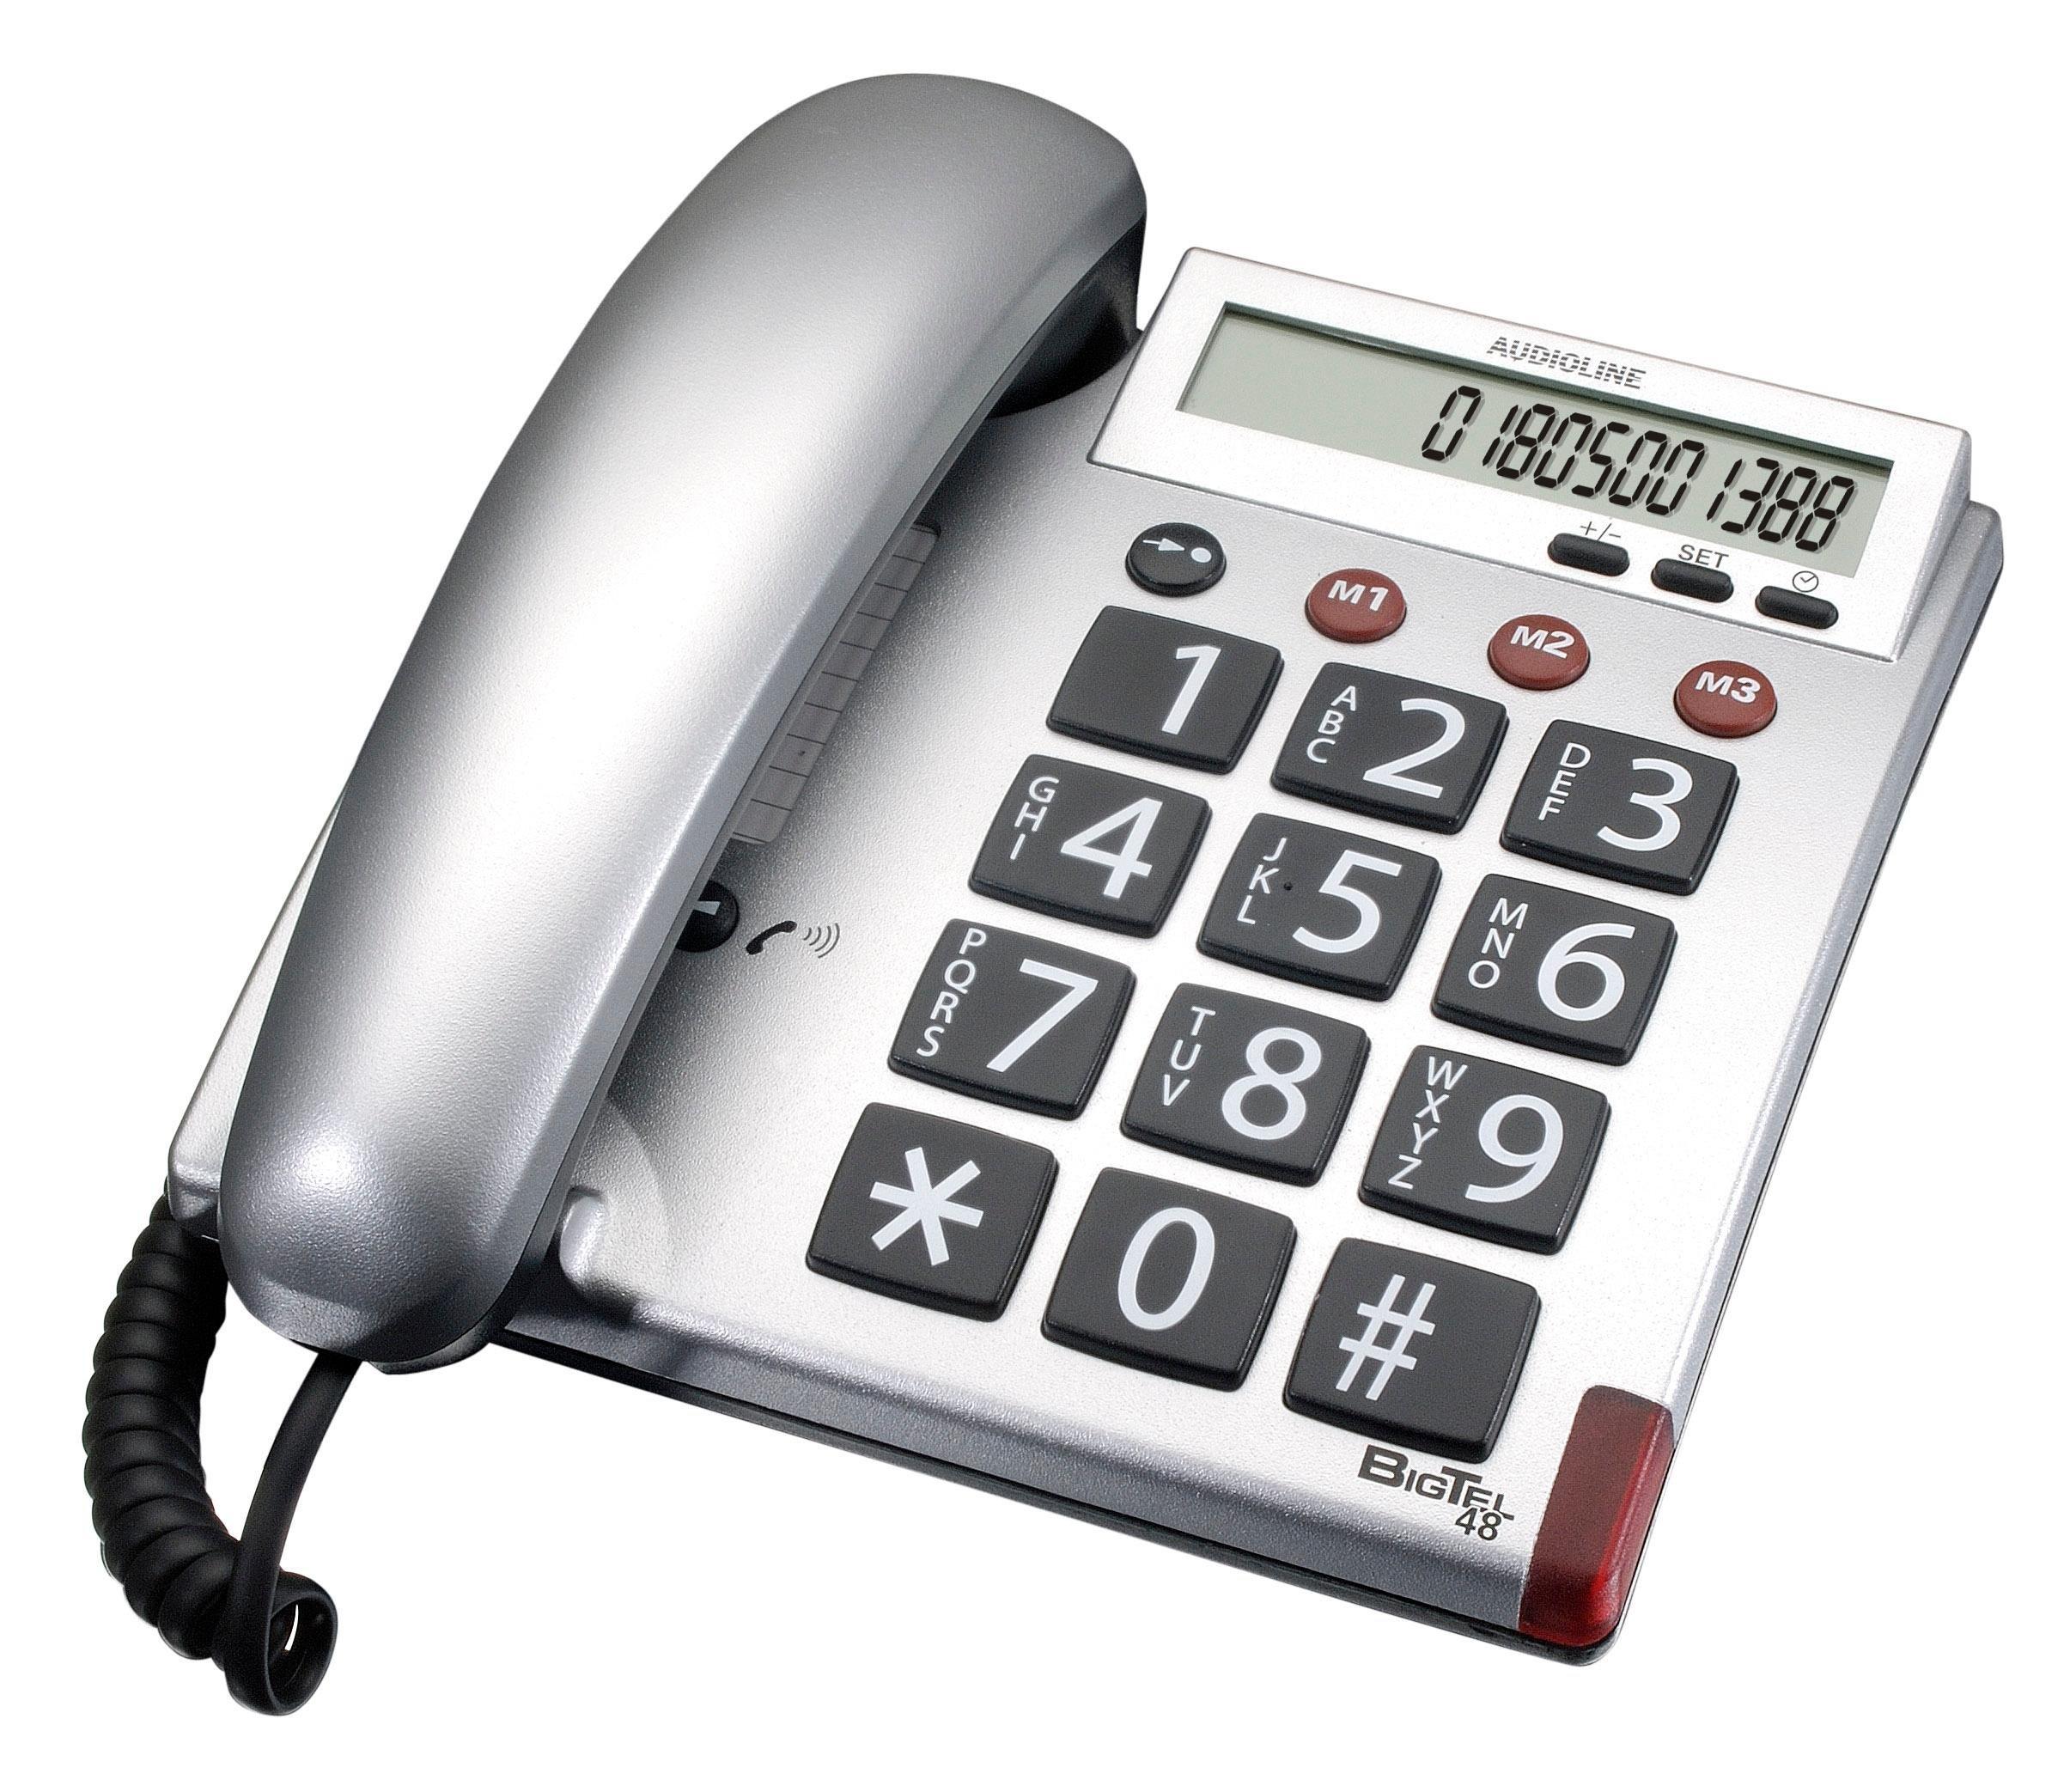 amazon telefon kaufen